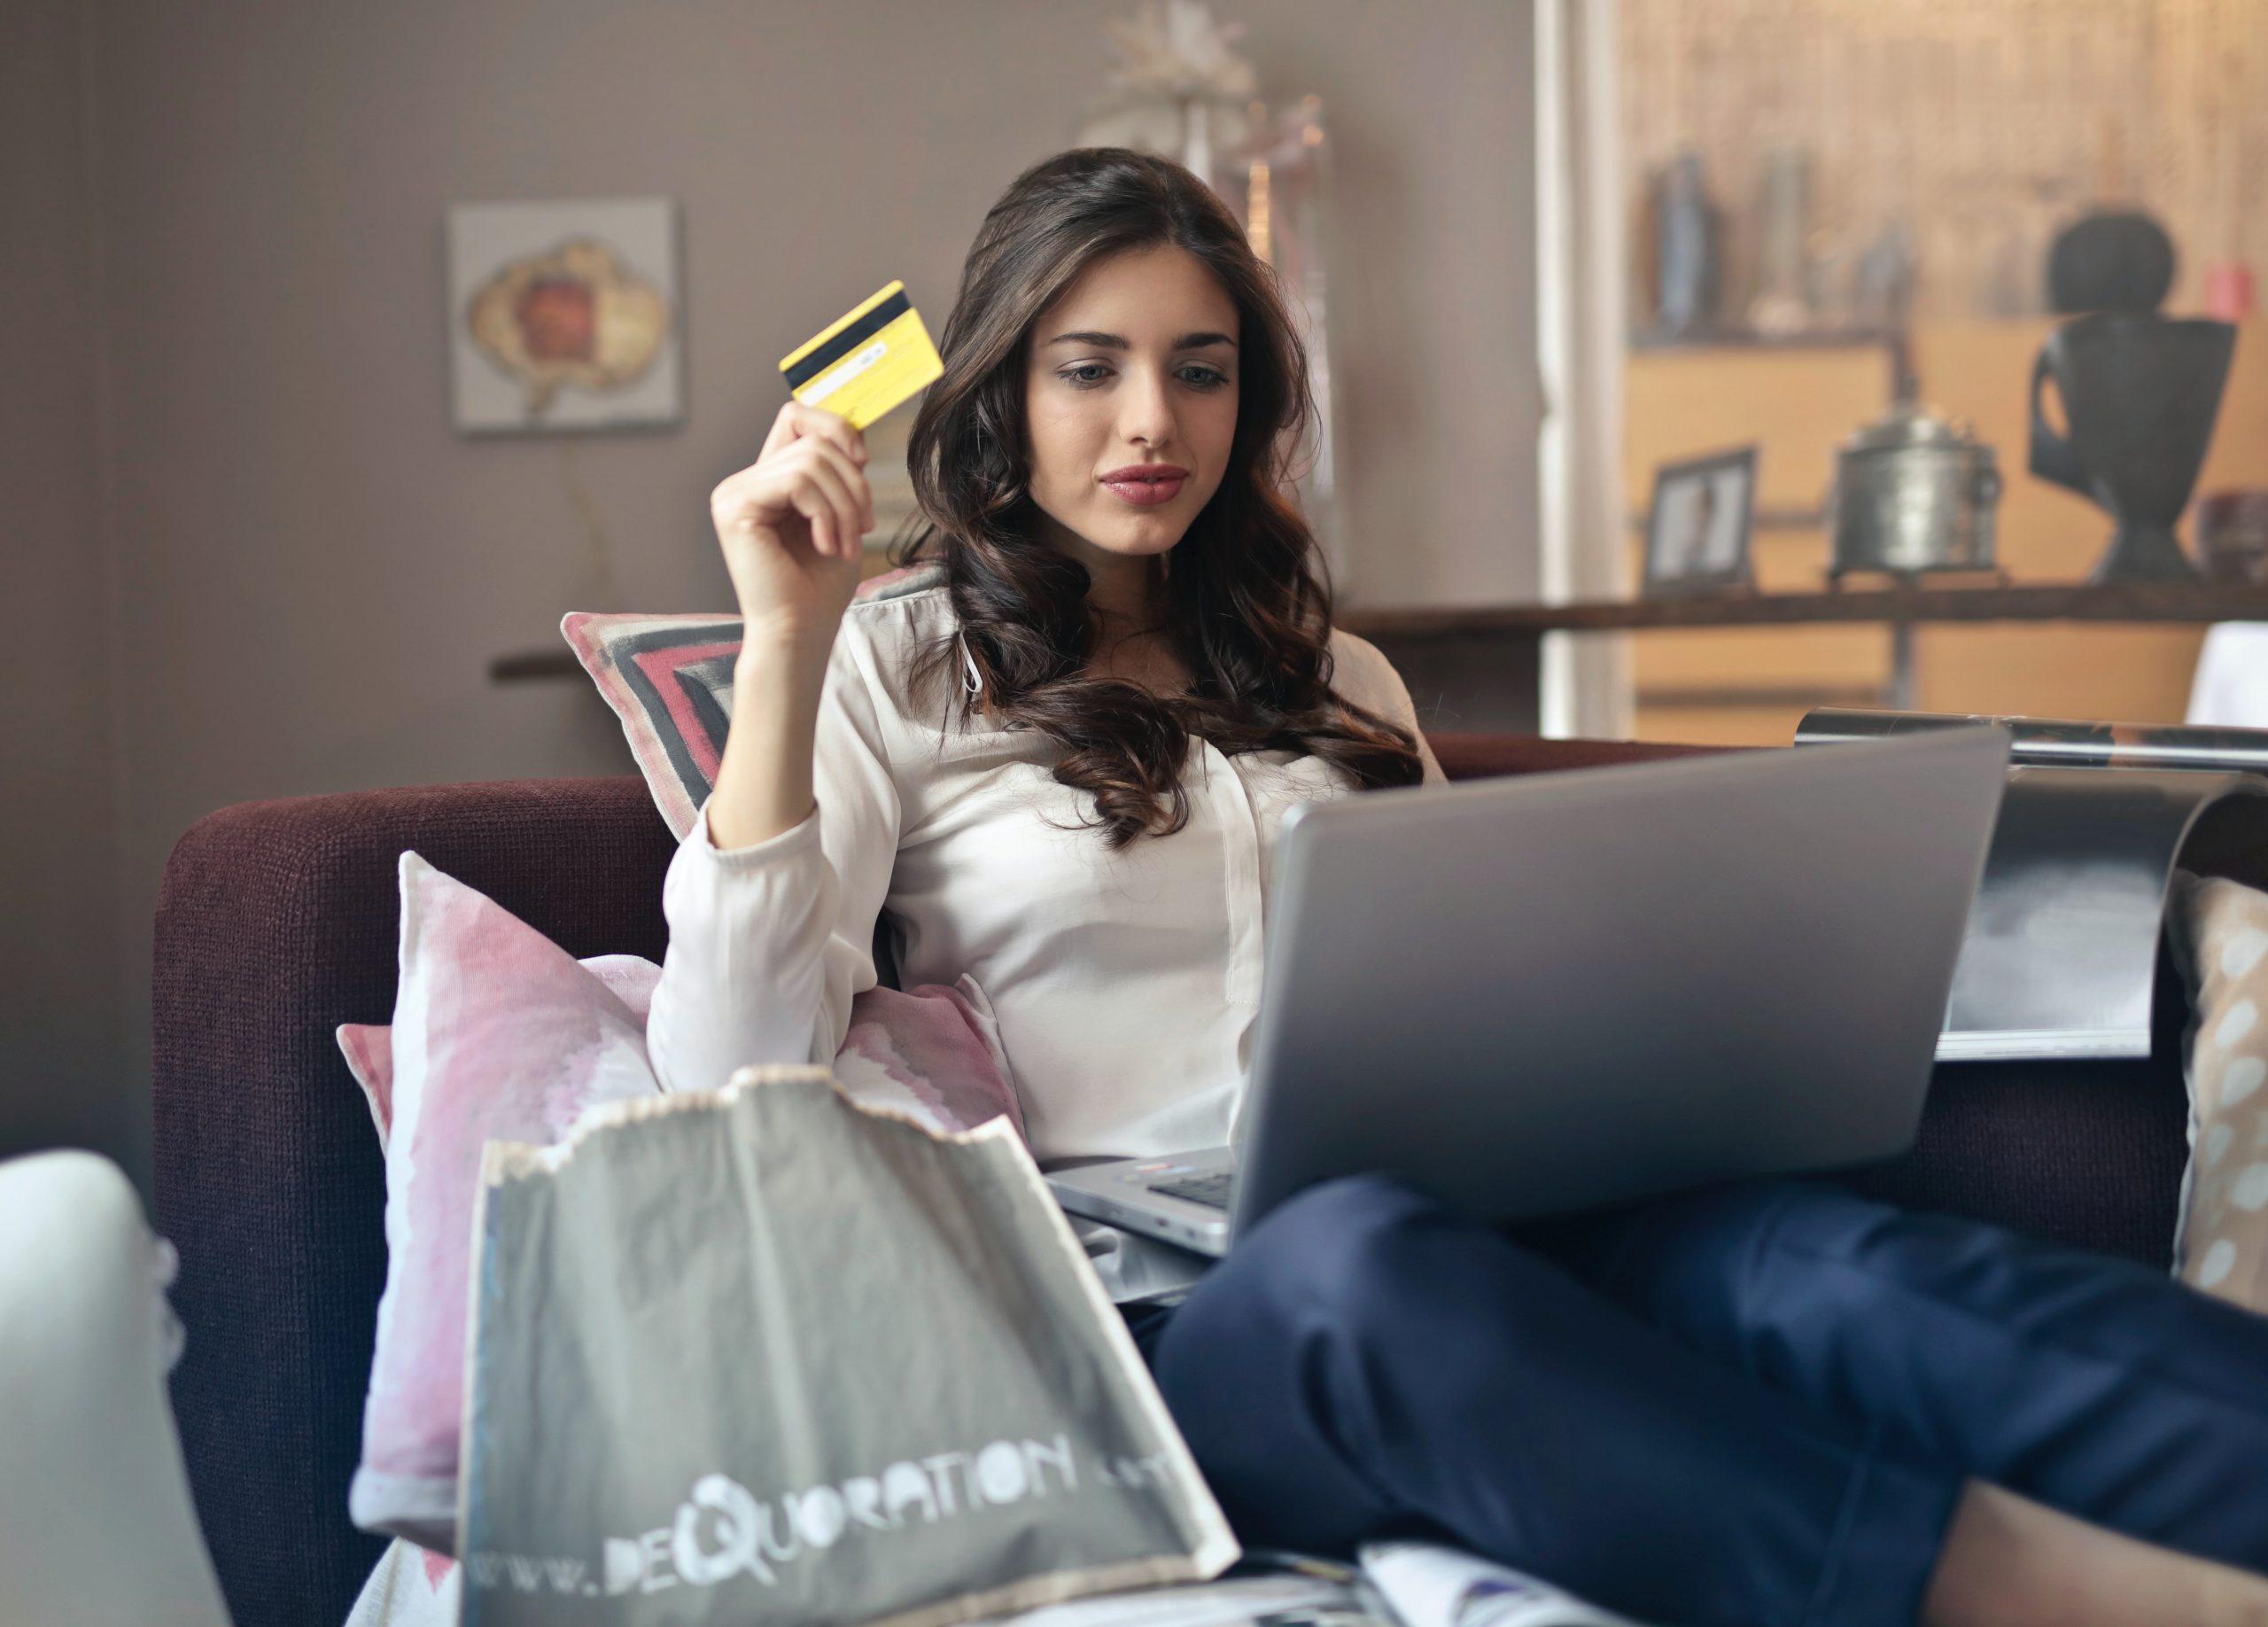 Kvinna sitter framför dator och hållar bankkort i handen